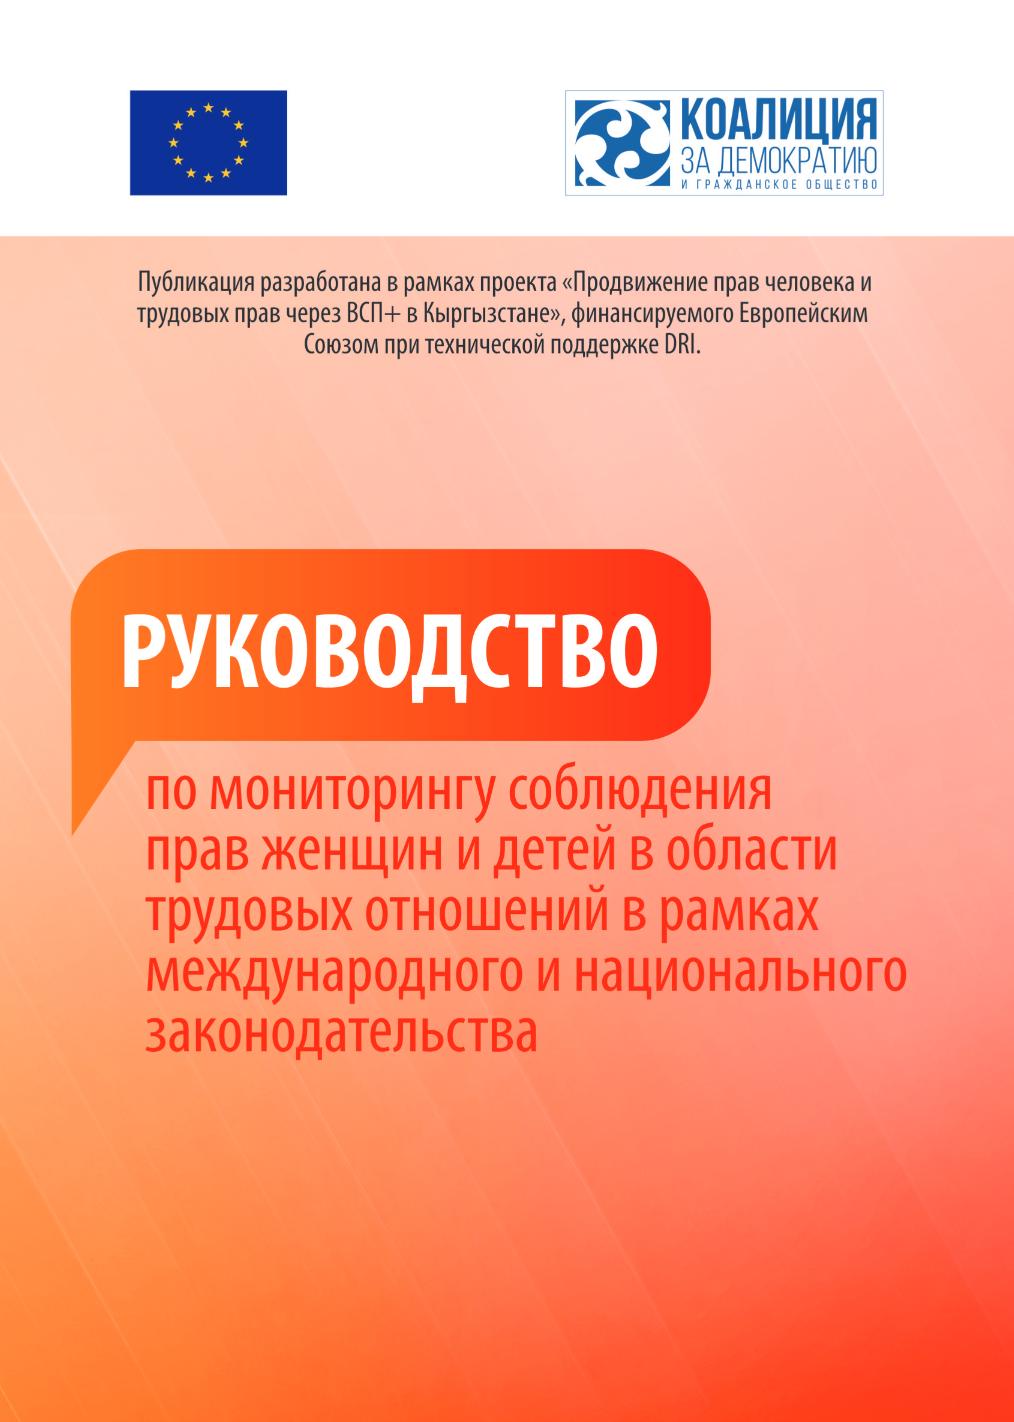 РУКОВОДСТВО по мониторингу соблюдения прав женщин и детей в области трудовых отношений в рамках международного и национального законодательства